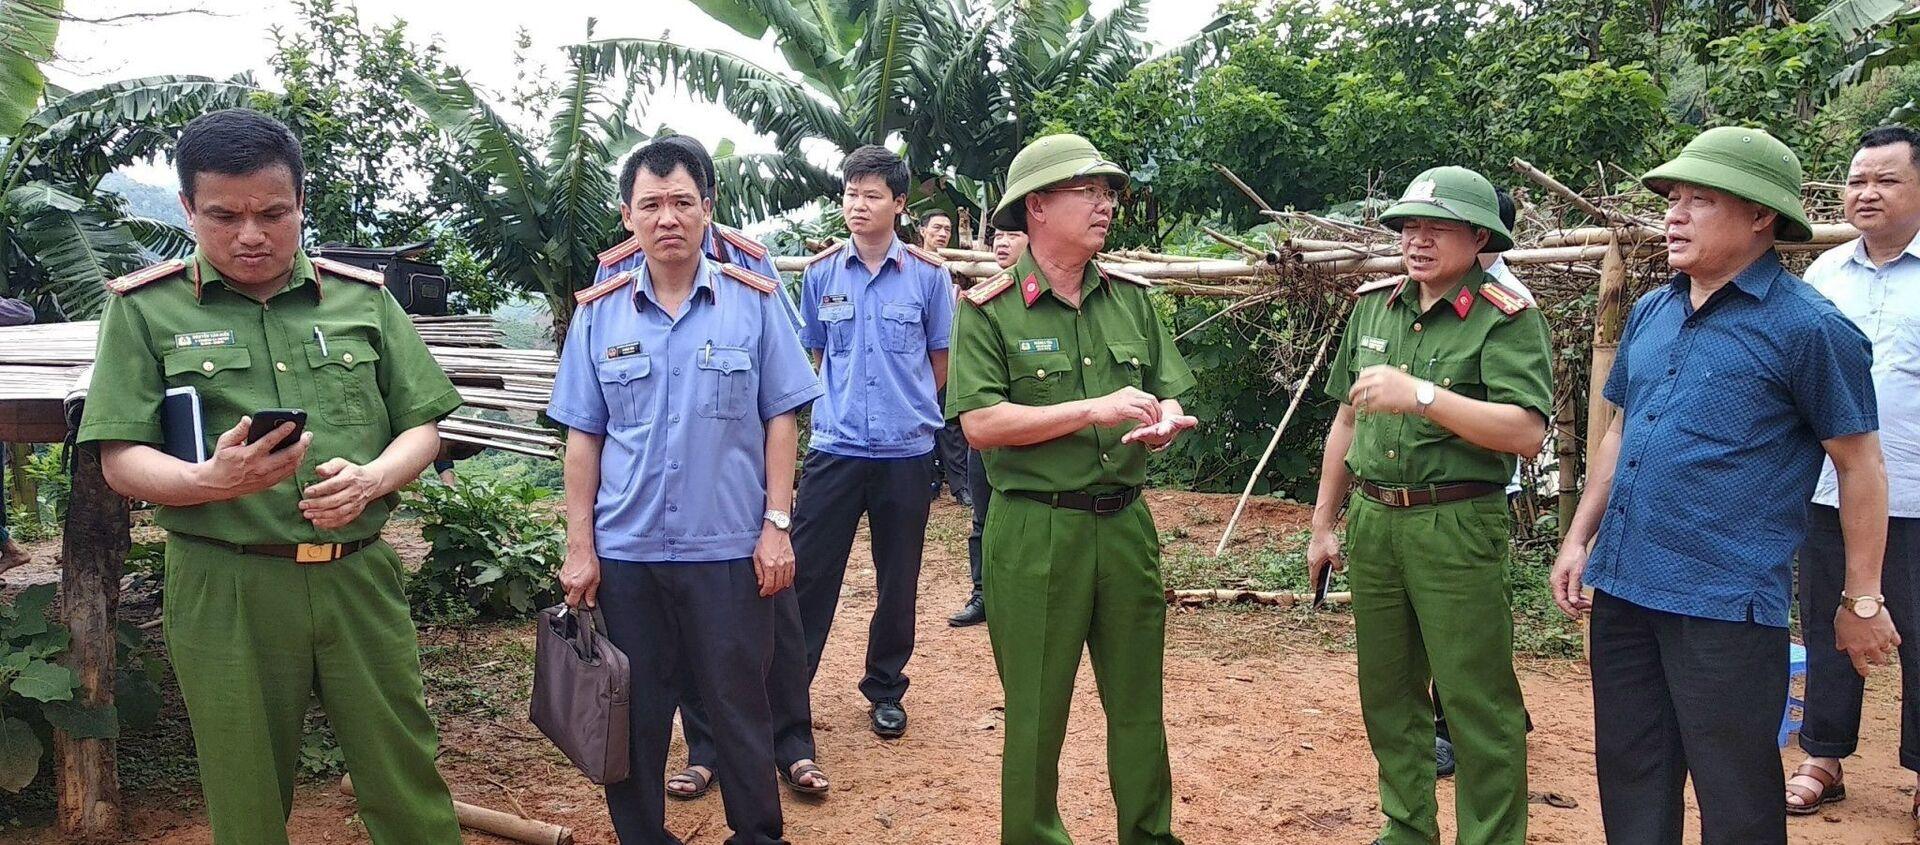 Các lực lượng chức năng có mặt tại hiện trường để điều tra vụ việc.  - Sputnik Việt Nam, 1920, 28.05.2020